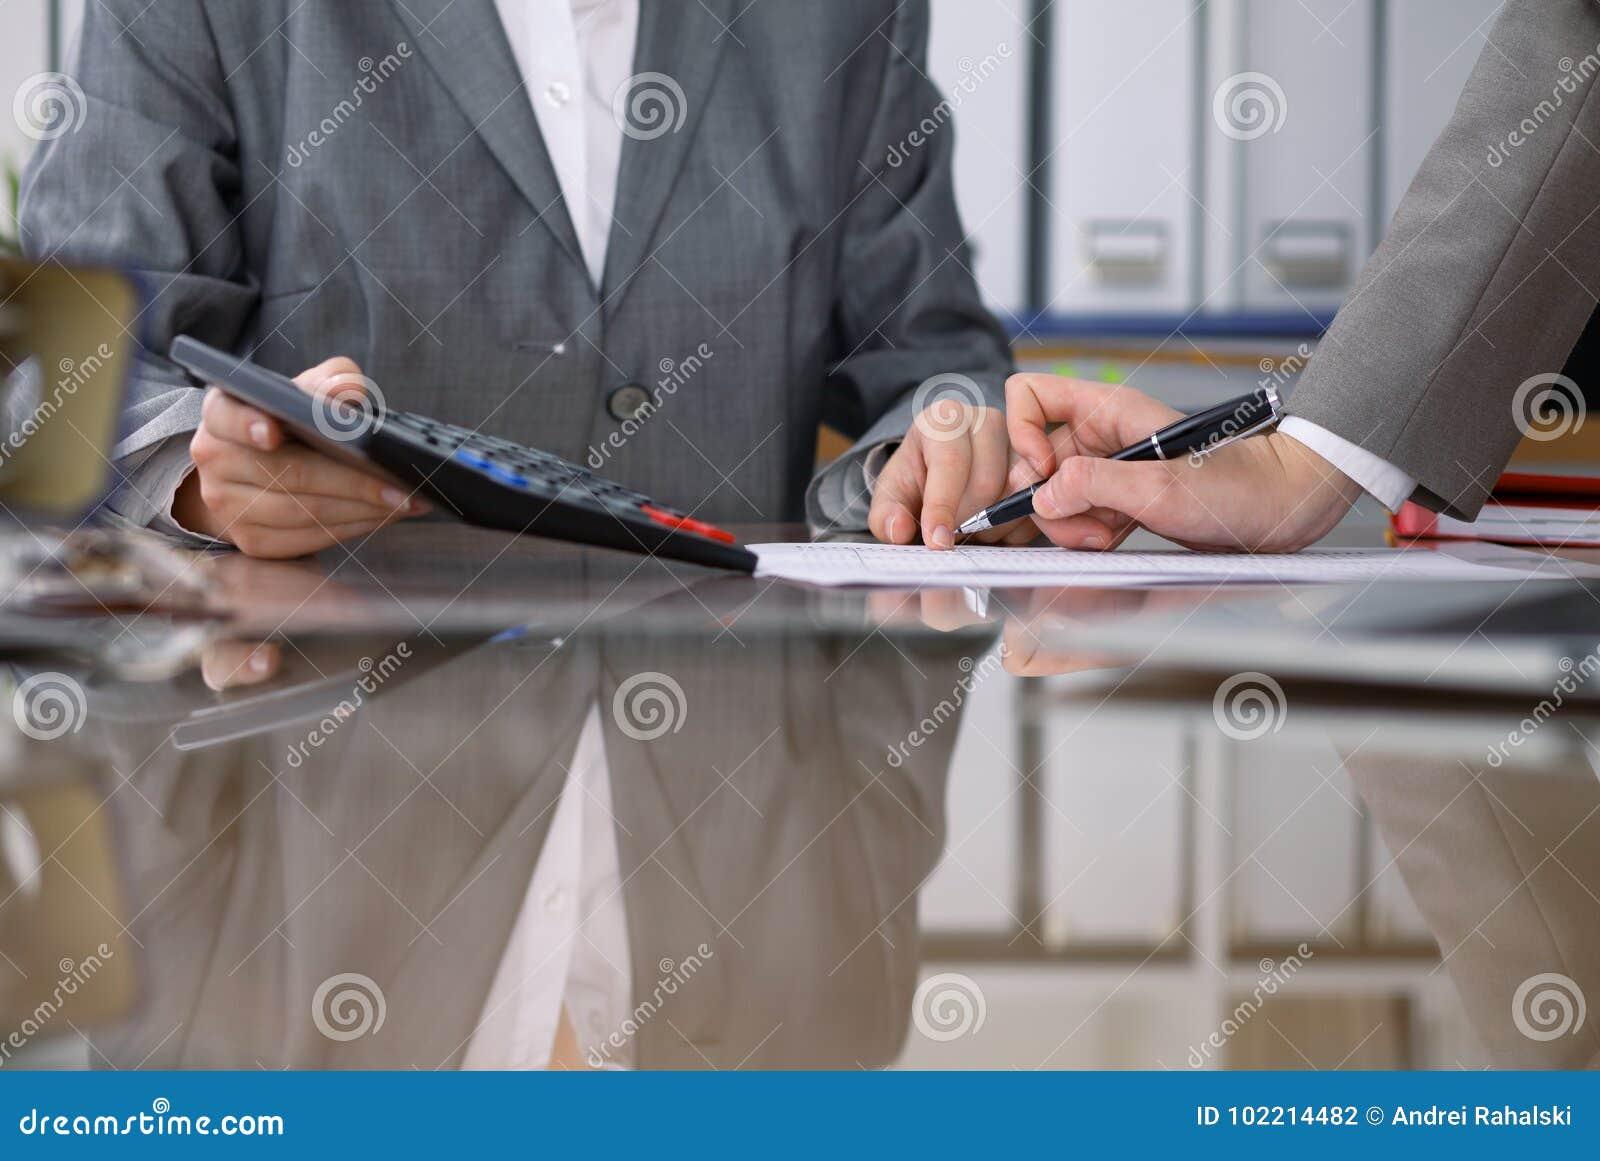 Due ragionieri femminili che controllano rendiconto finanziario o che contano dal reddito del calcolatore per la forma di imposta